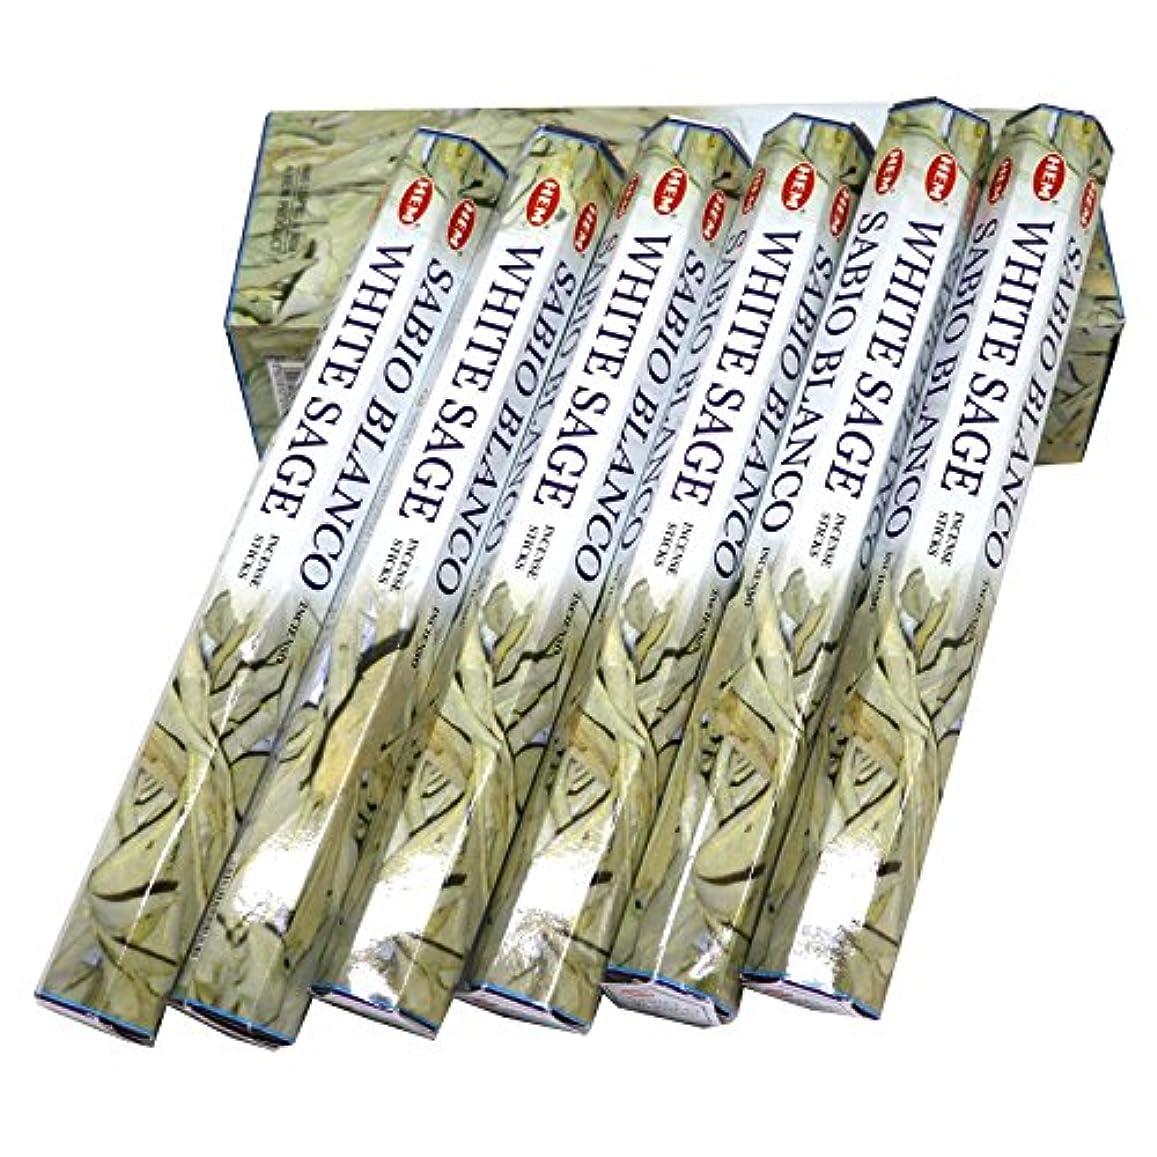 解釈するボルト目の前のHEM社 インド製 ステックタイプ香 1箱20本入 (ホワイトセージ)